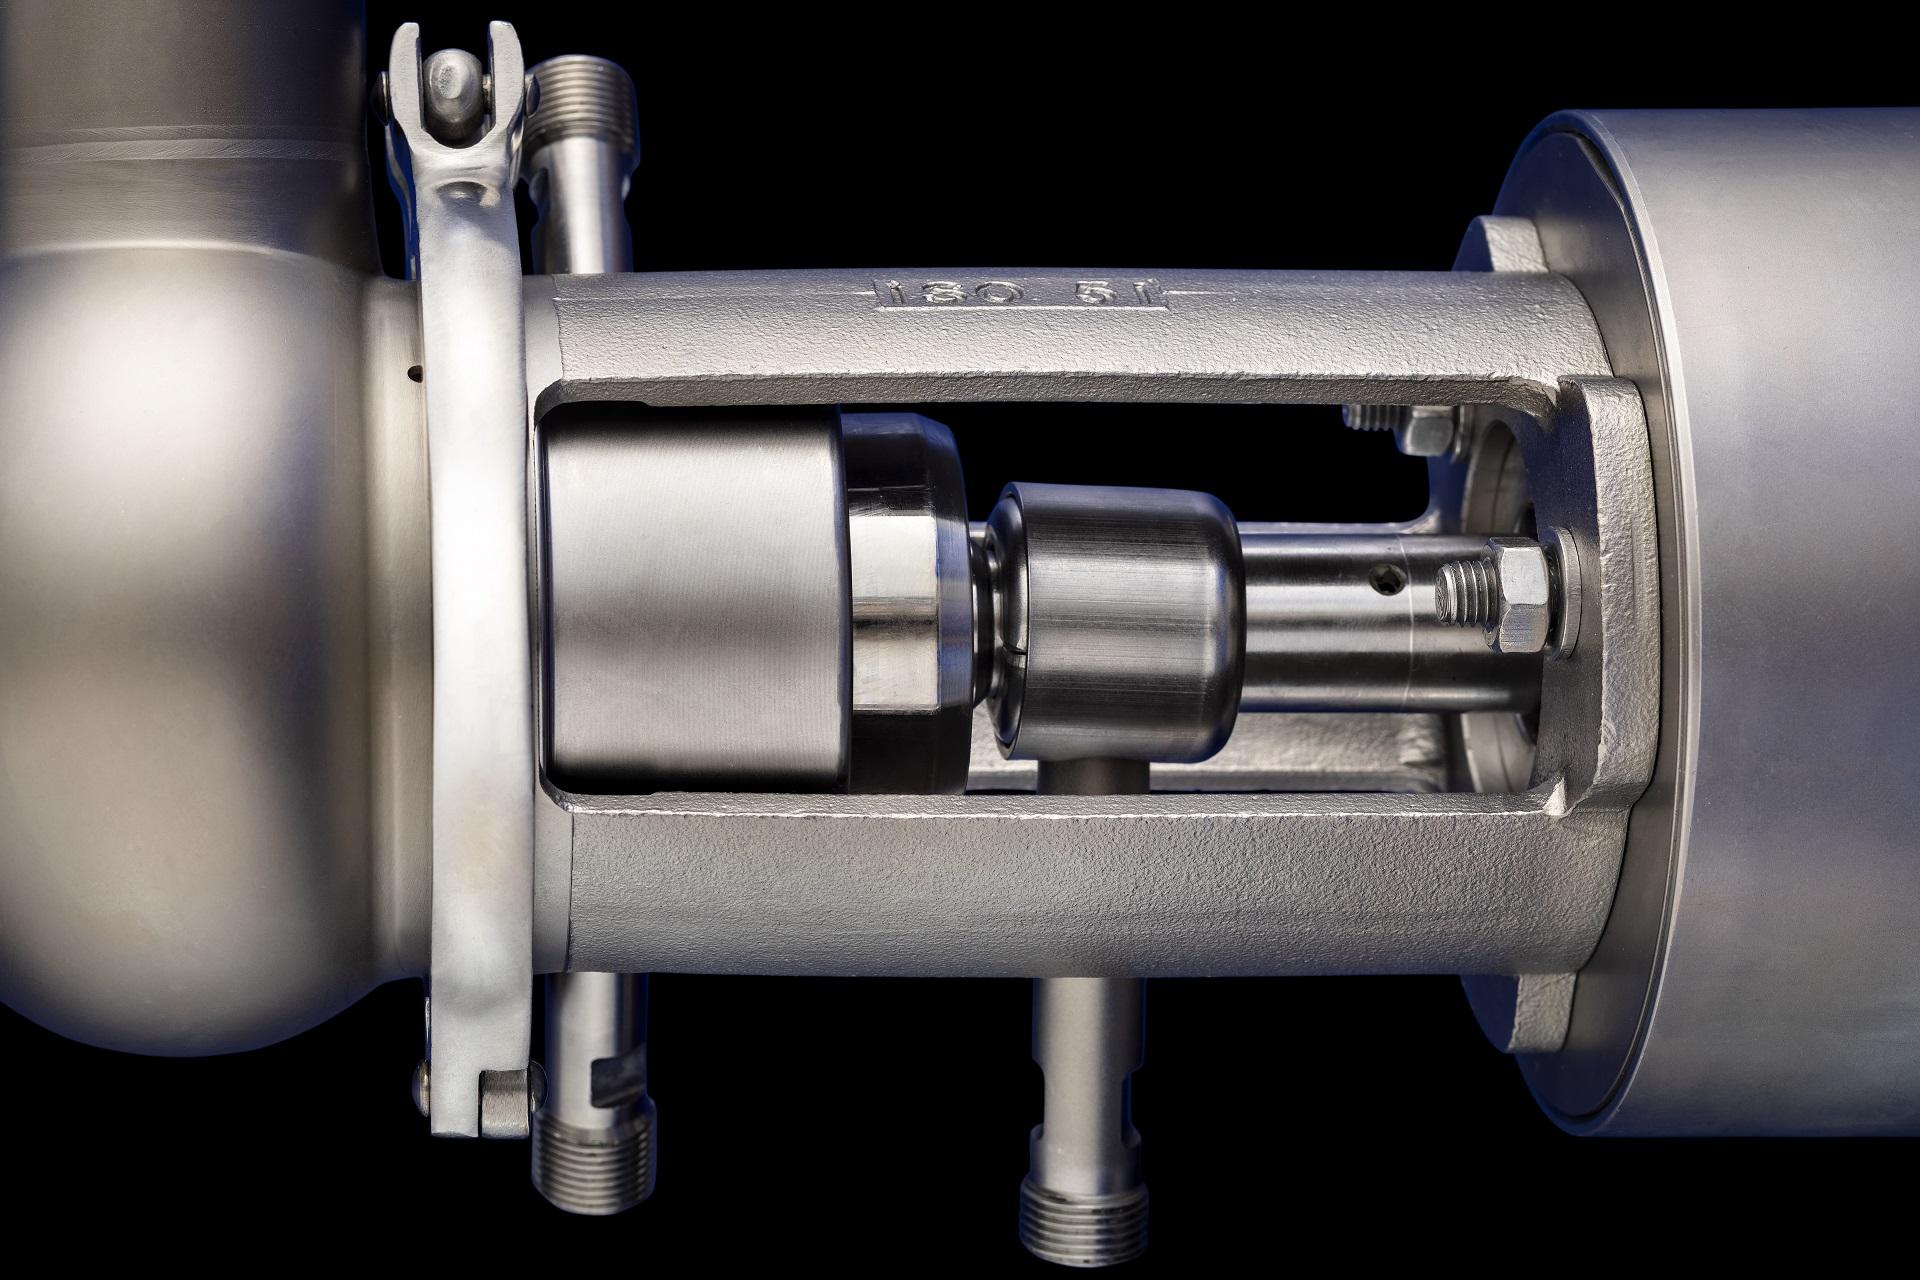 Double seat valves closeup 1920px